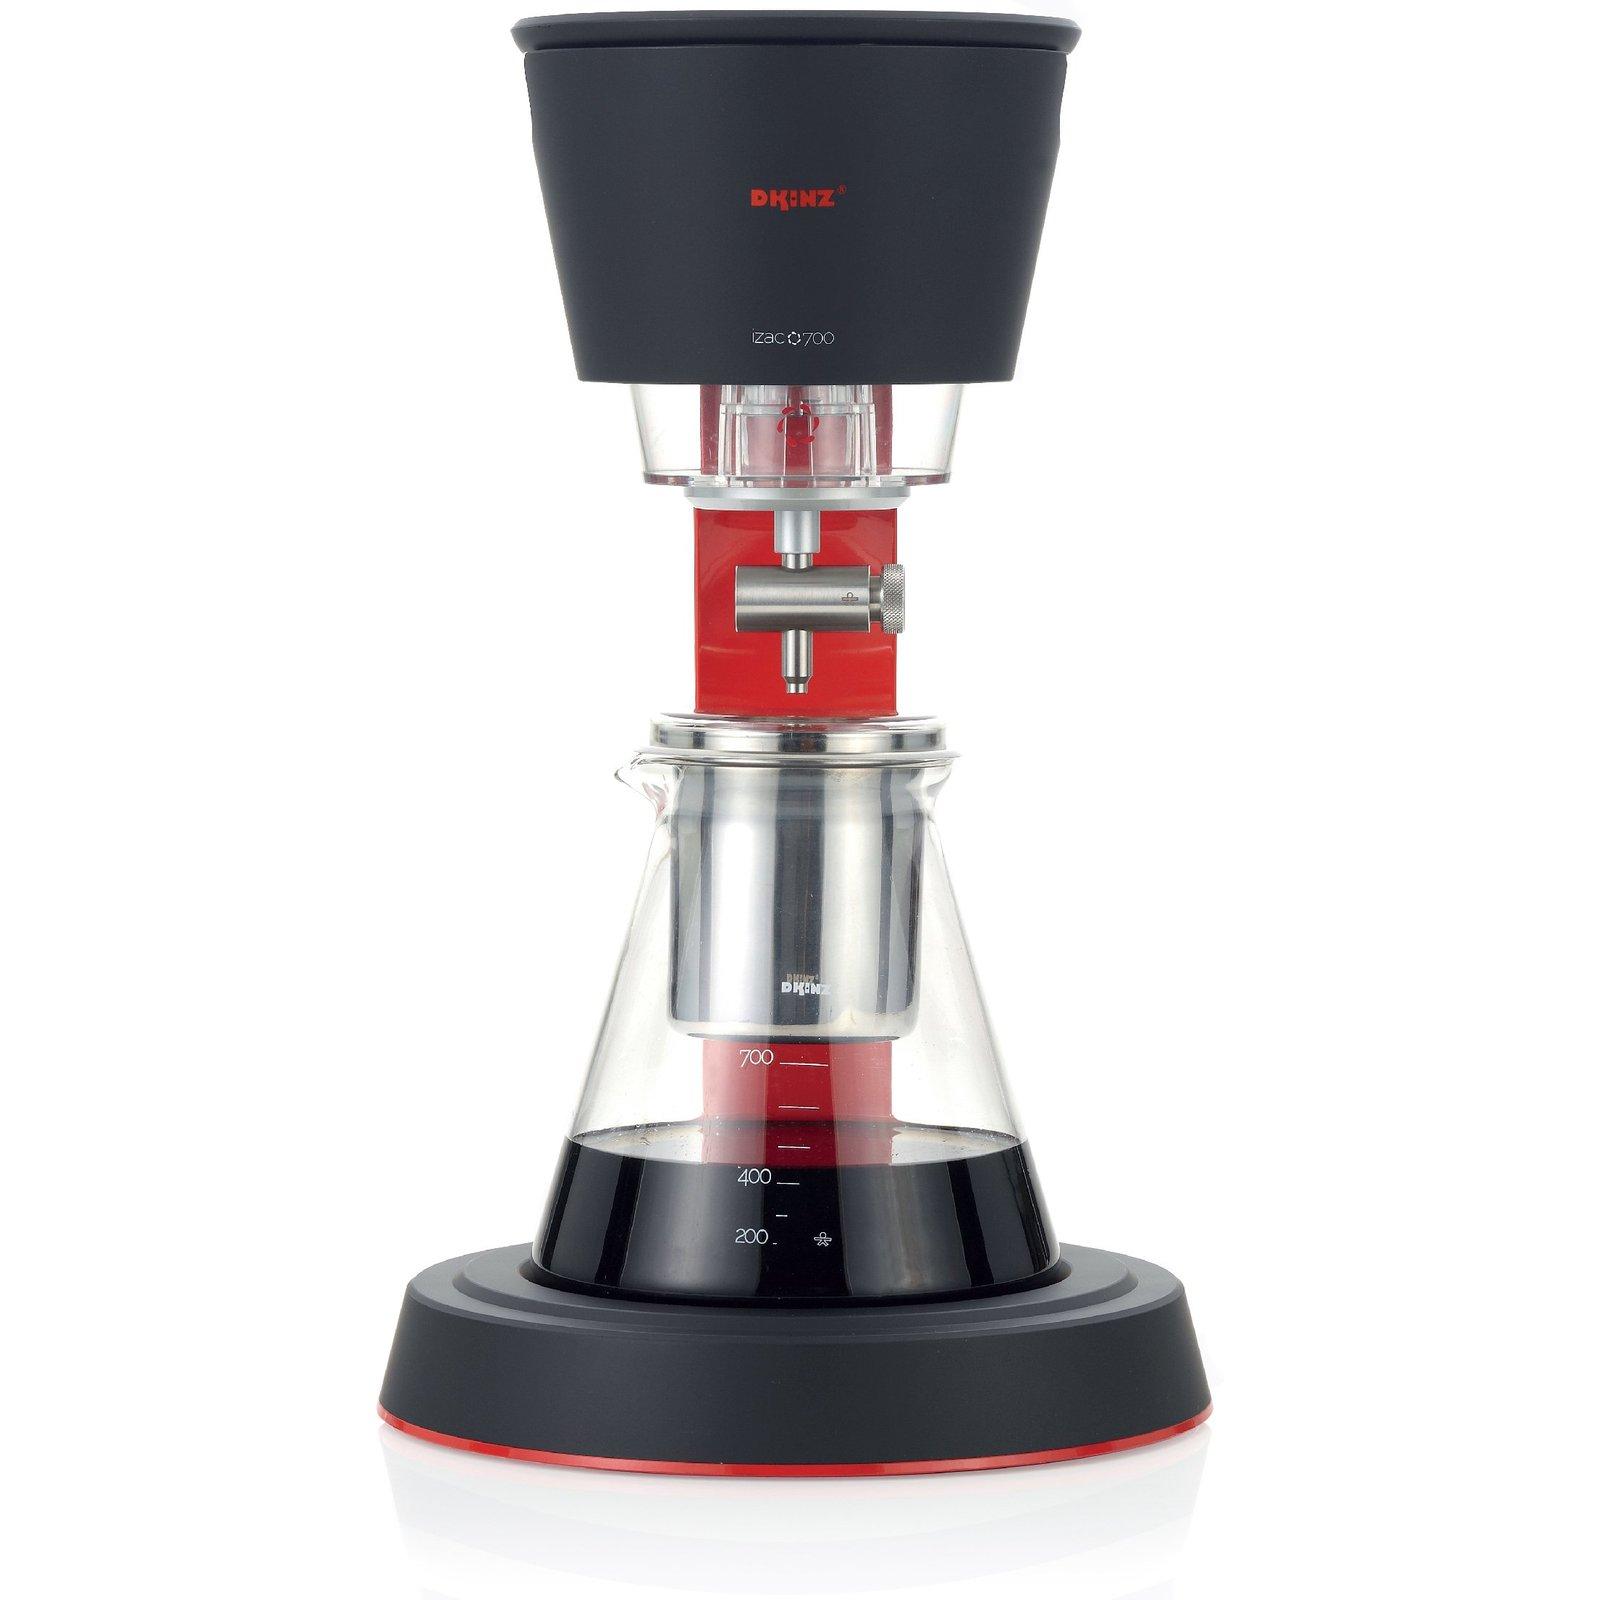 DKINZ izac 700 Cold Brew Coffee Maker (Black) - $346.50